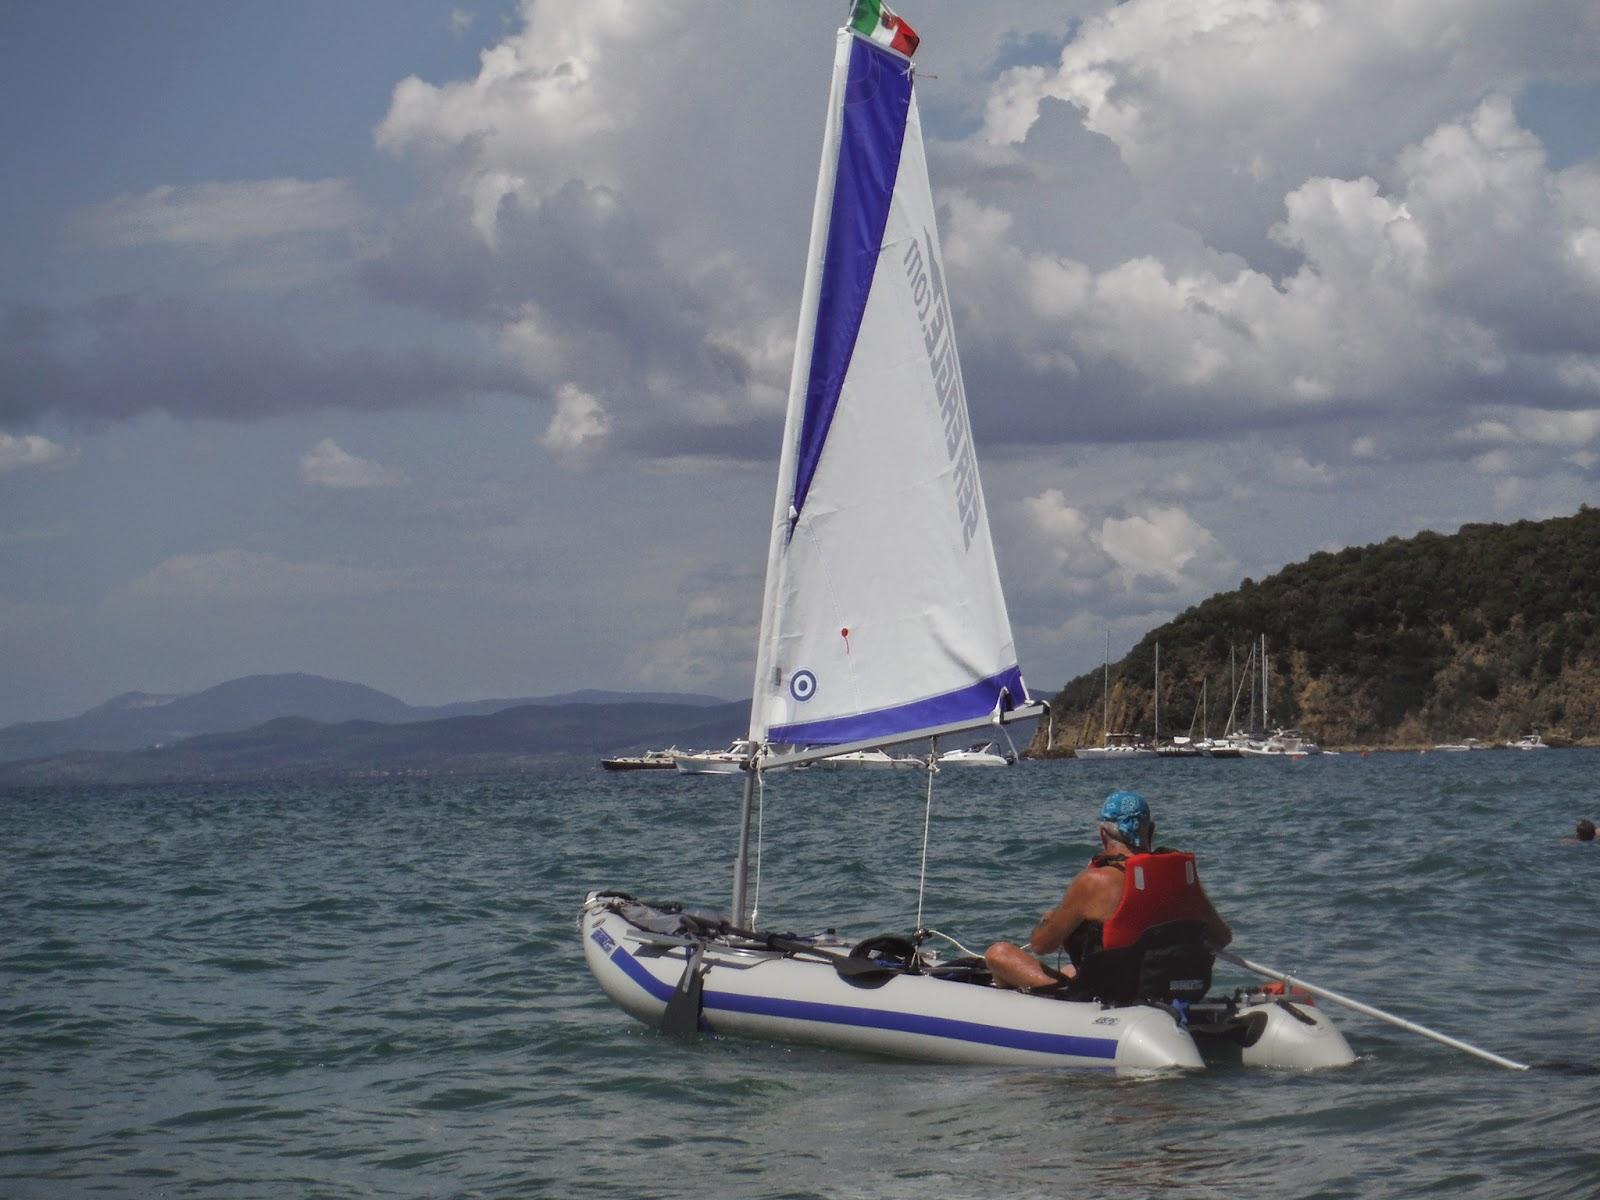 Seaeagle Paddleski Sailors Il ~ Terraferma Di Giuseppe 5A34RjL